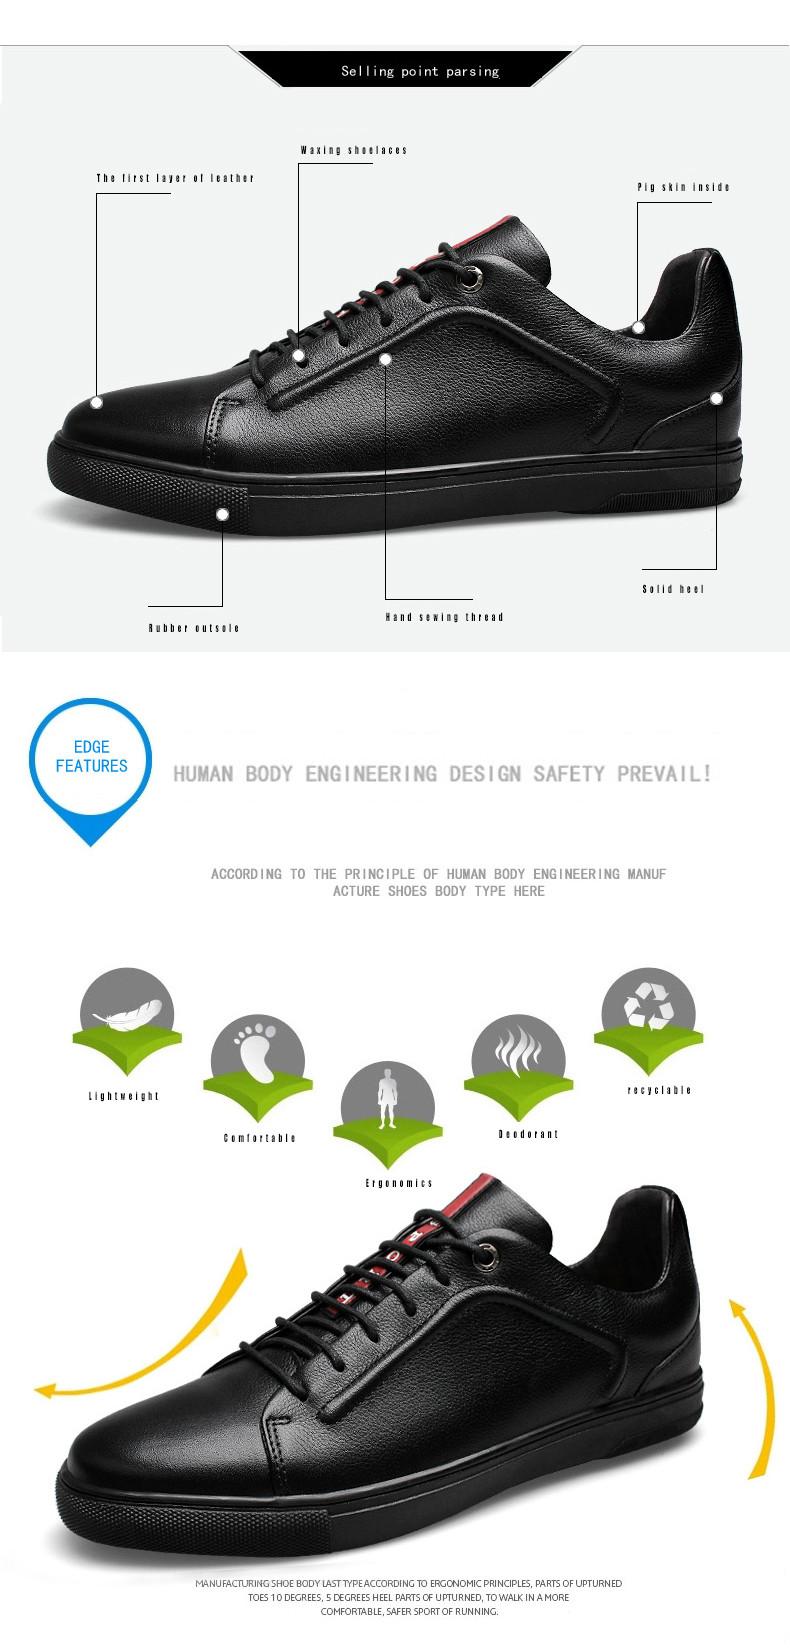 0da72dedf ᗜ Ljഃجلد طبيعي الرجال سببية الأحذية أعلى جودة الدانتيل متابعة ربيع ...